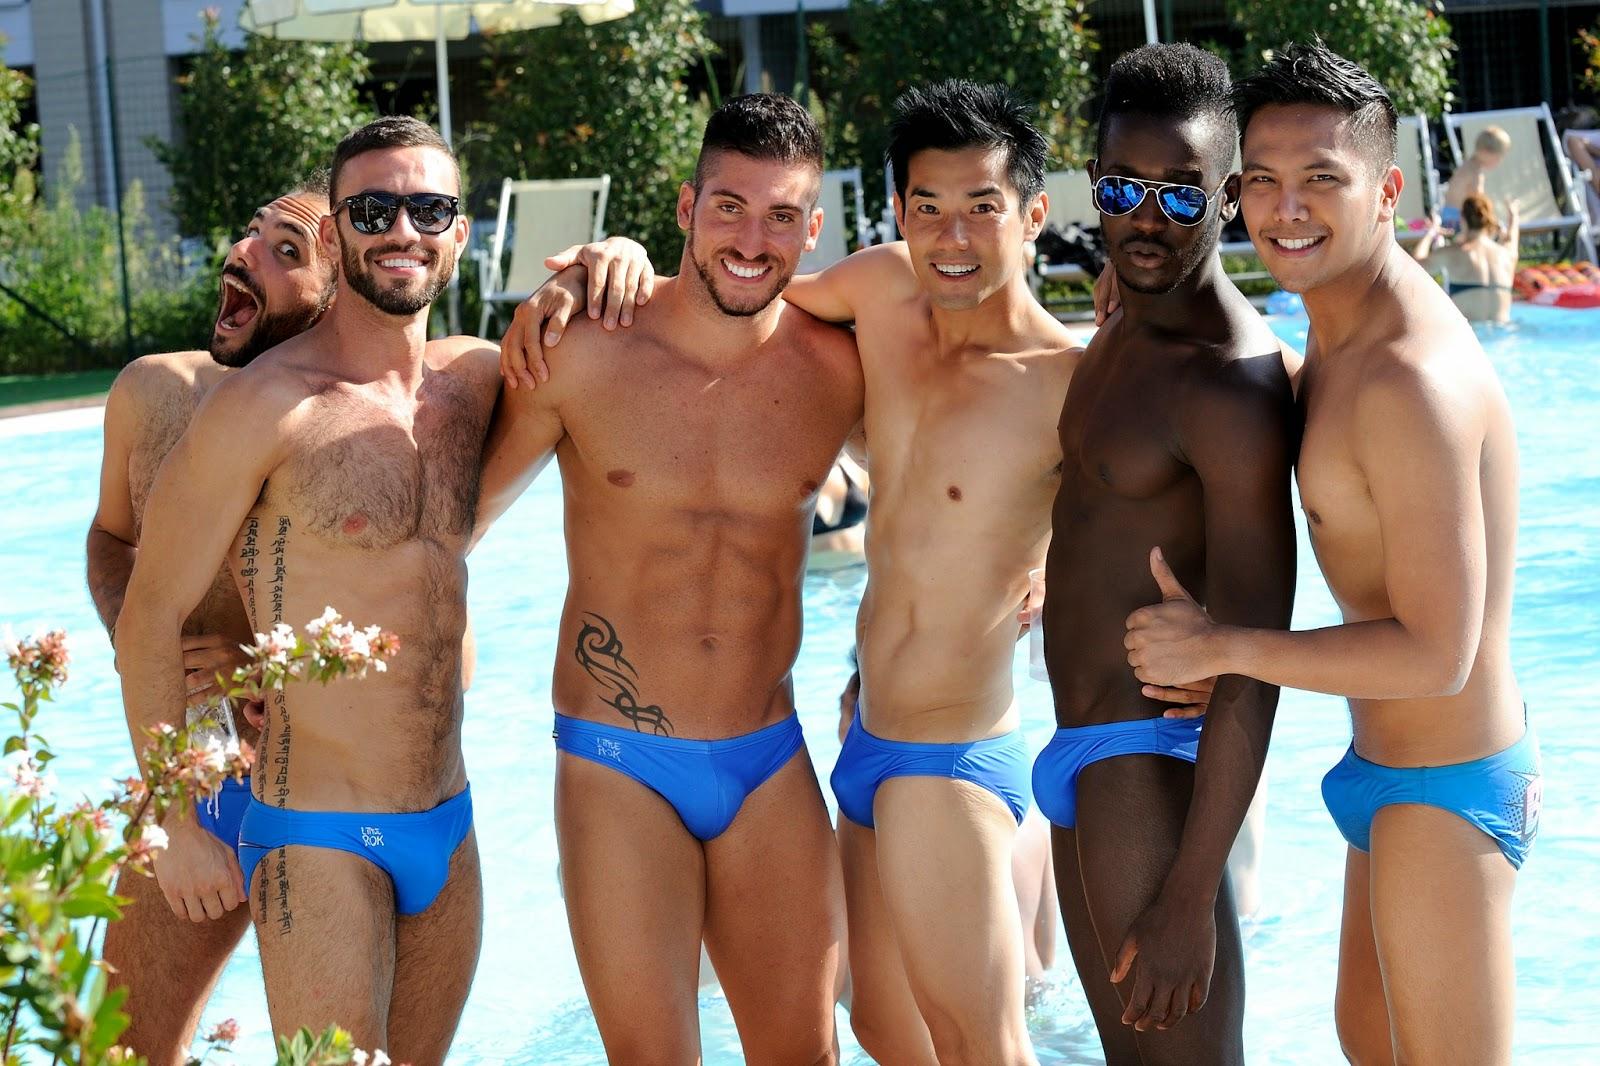 Gay Men Groups